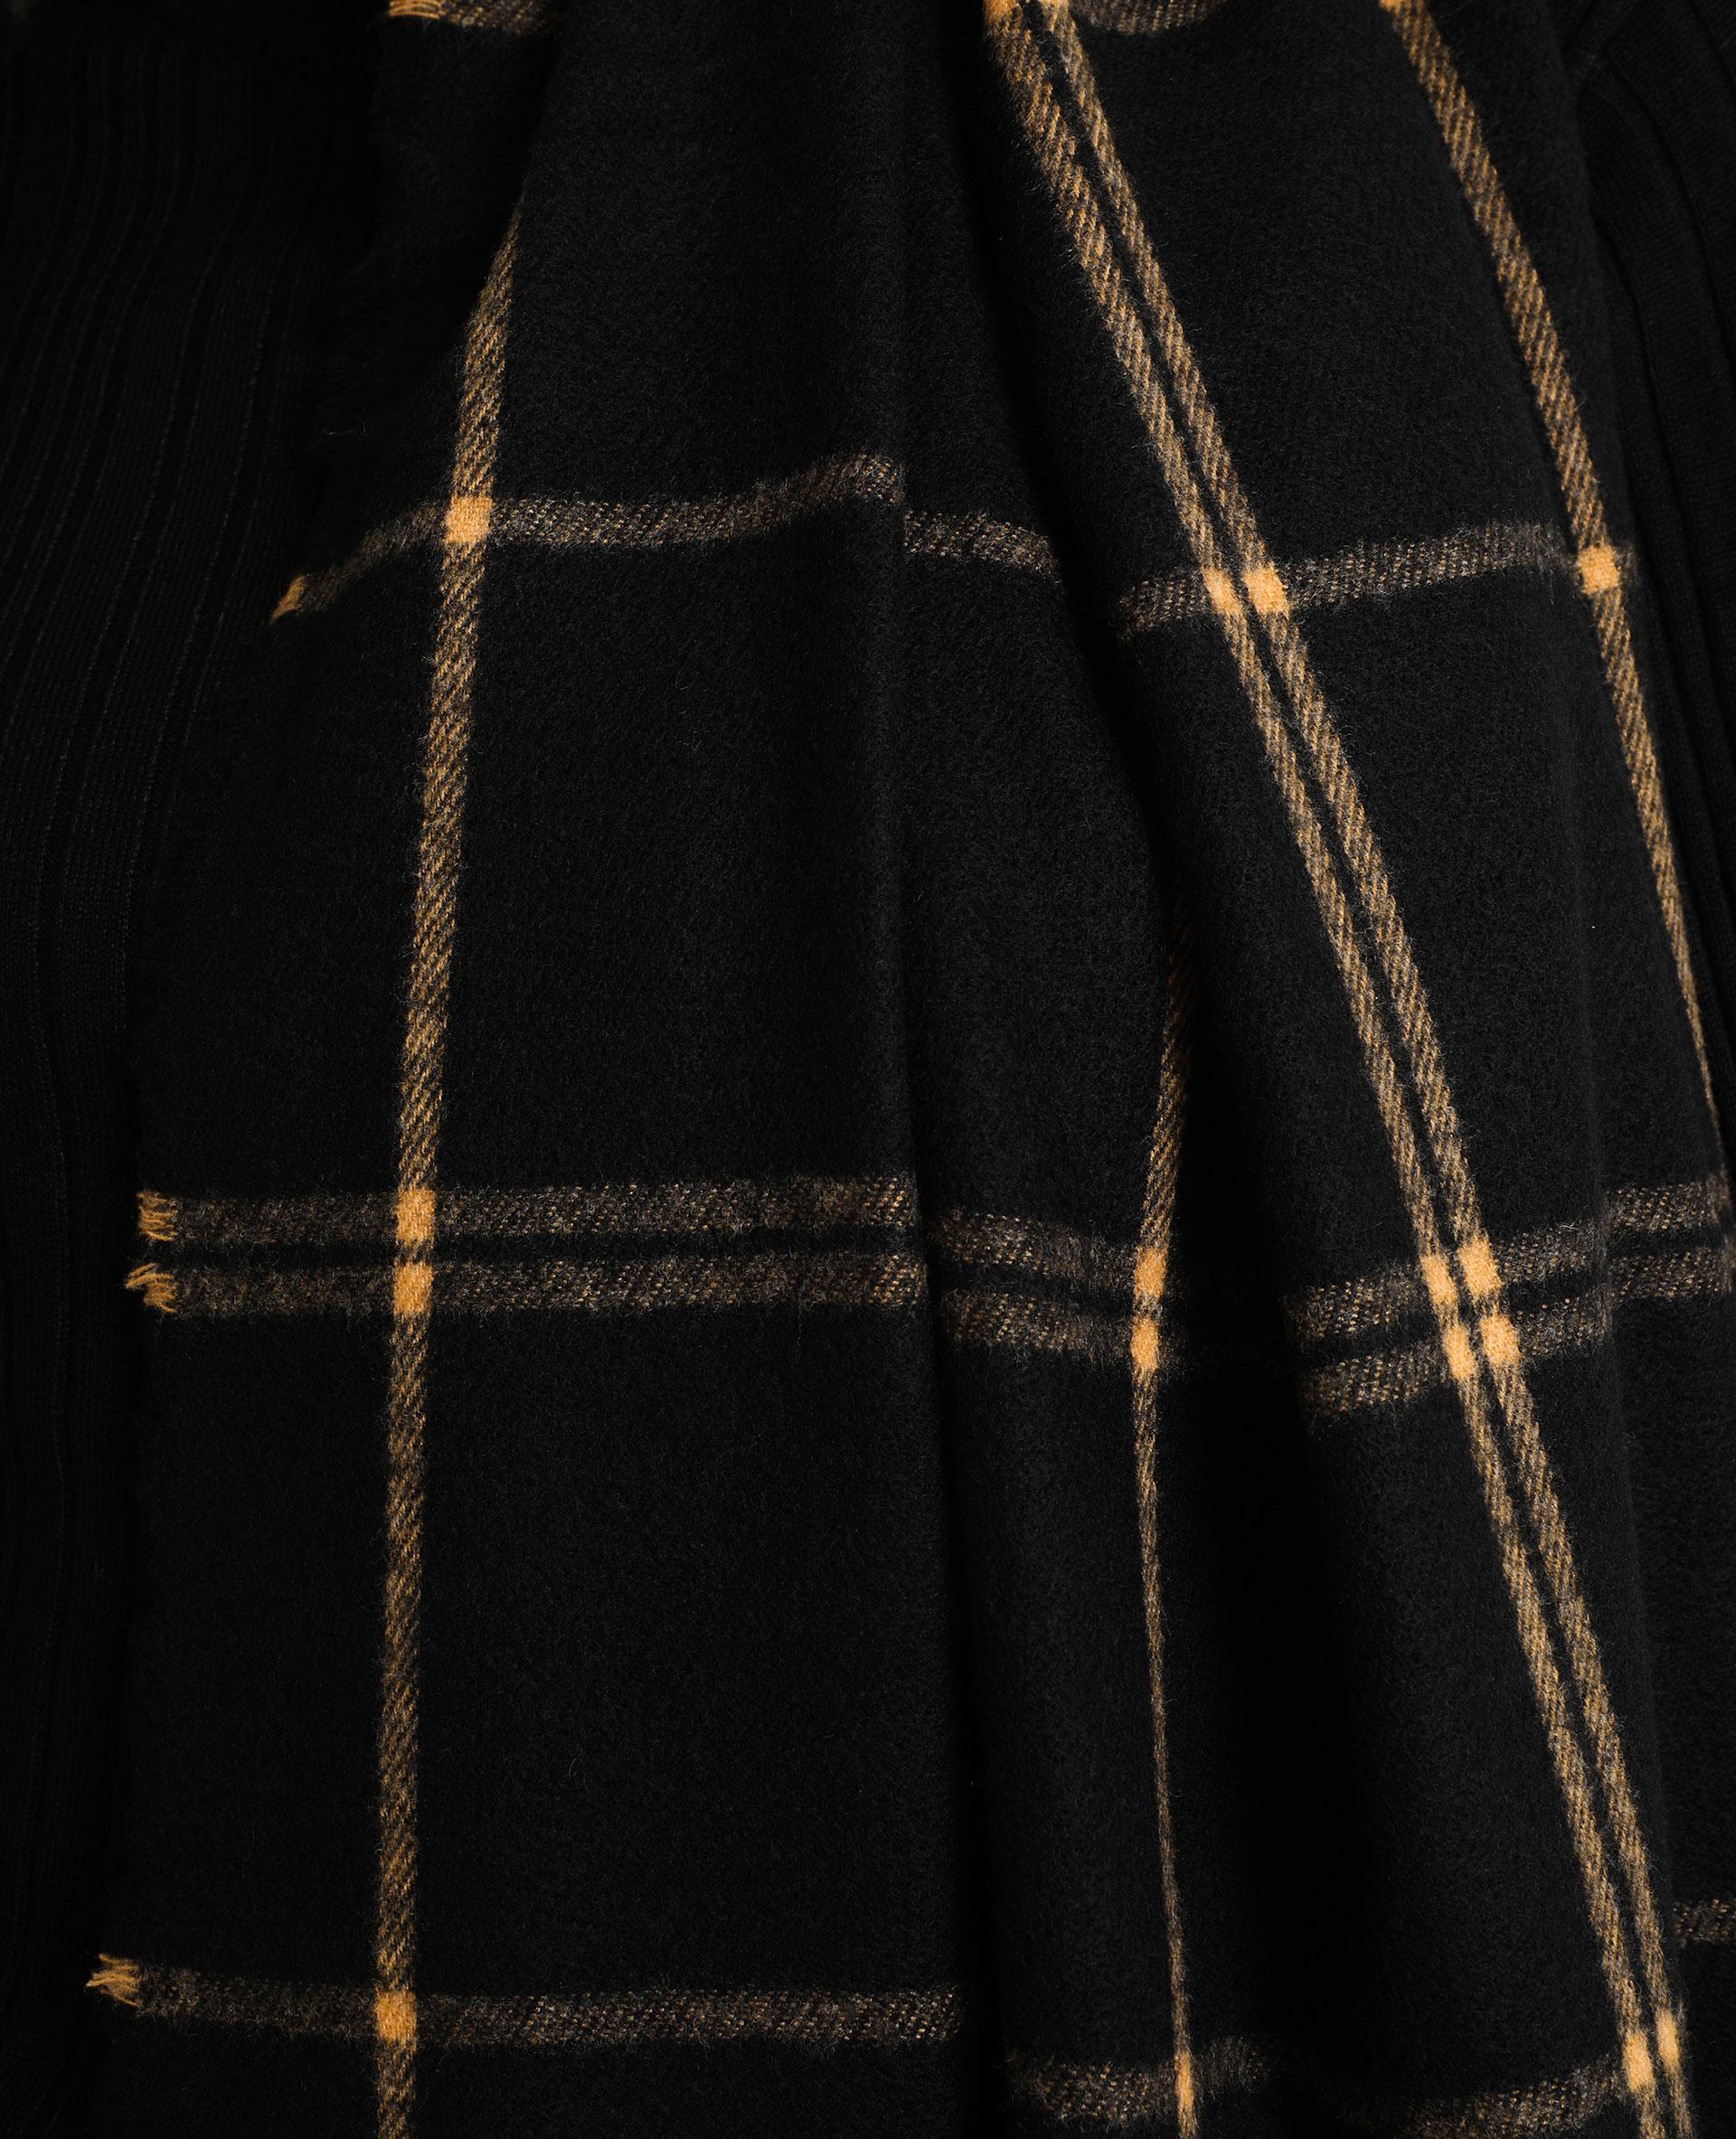 Echarpe fine noir - Pimkie